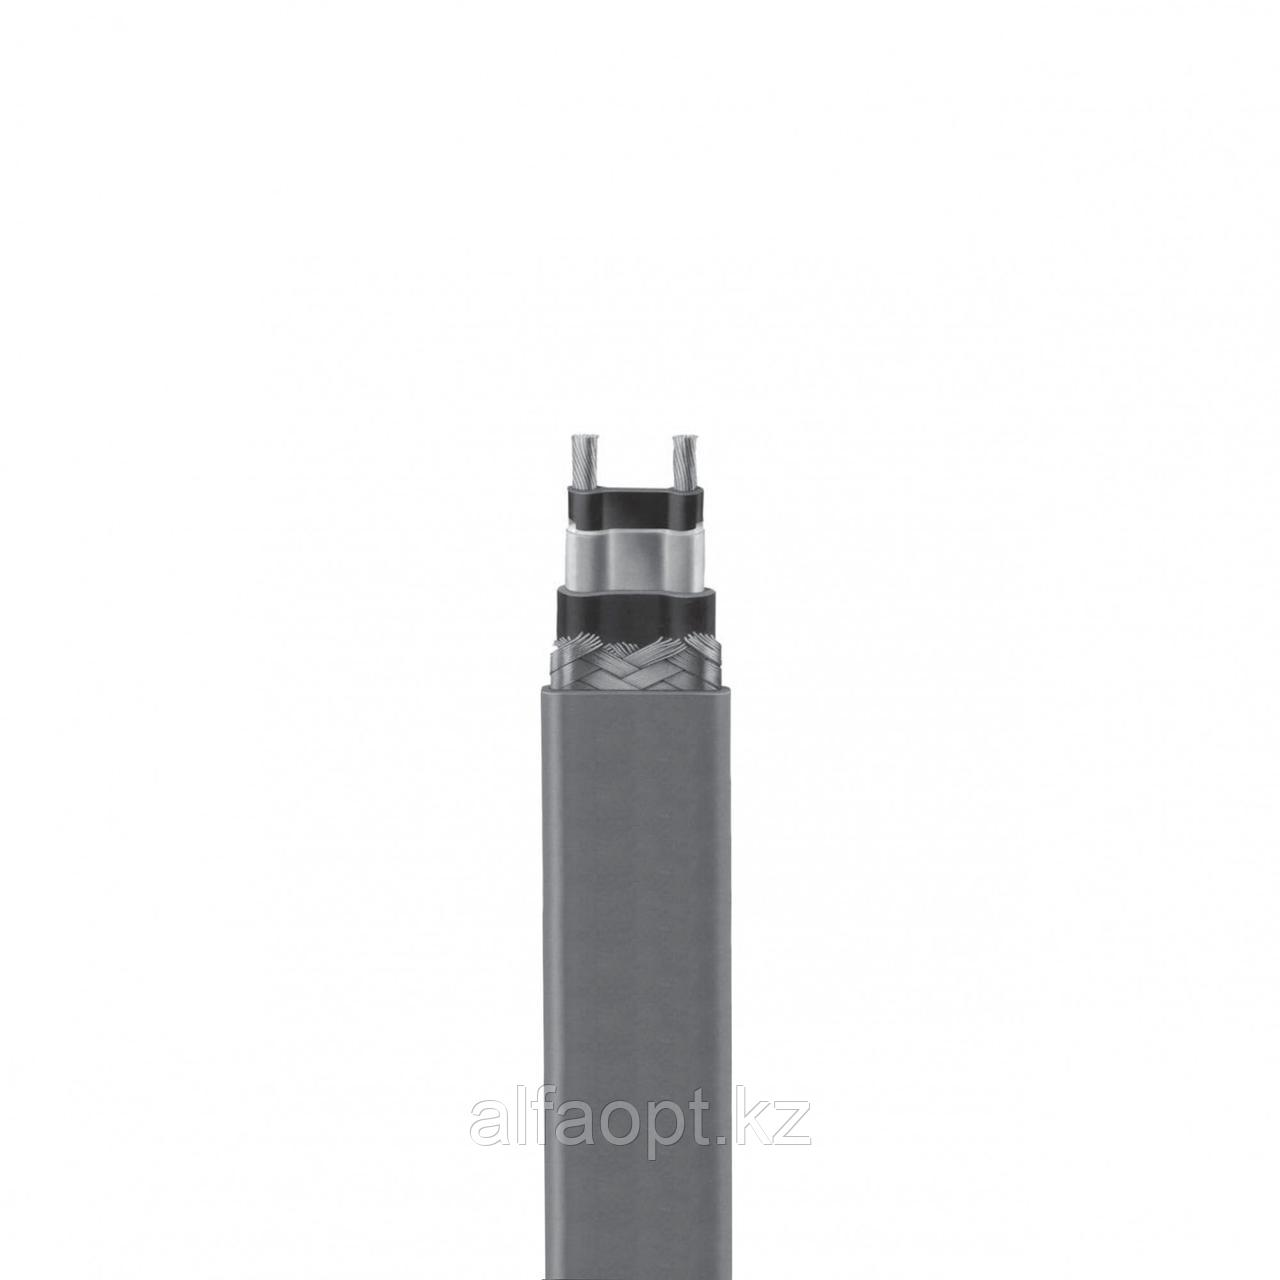 Саморегулирующийся нагревательный кабель NELSON HLT25-J